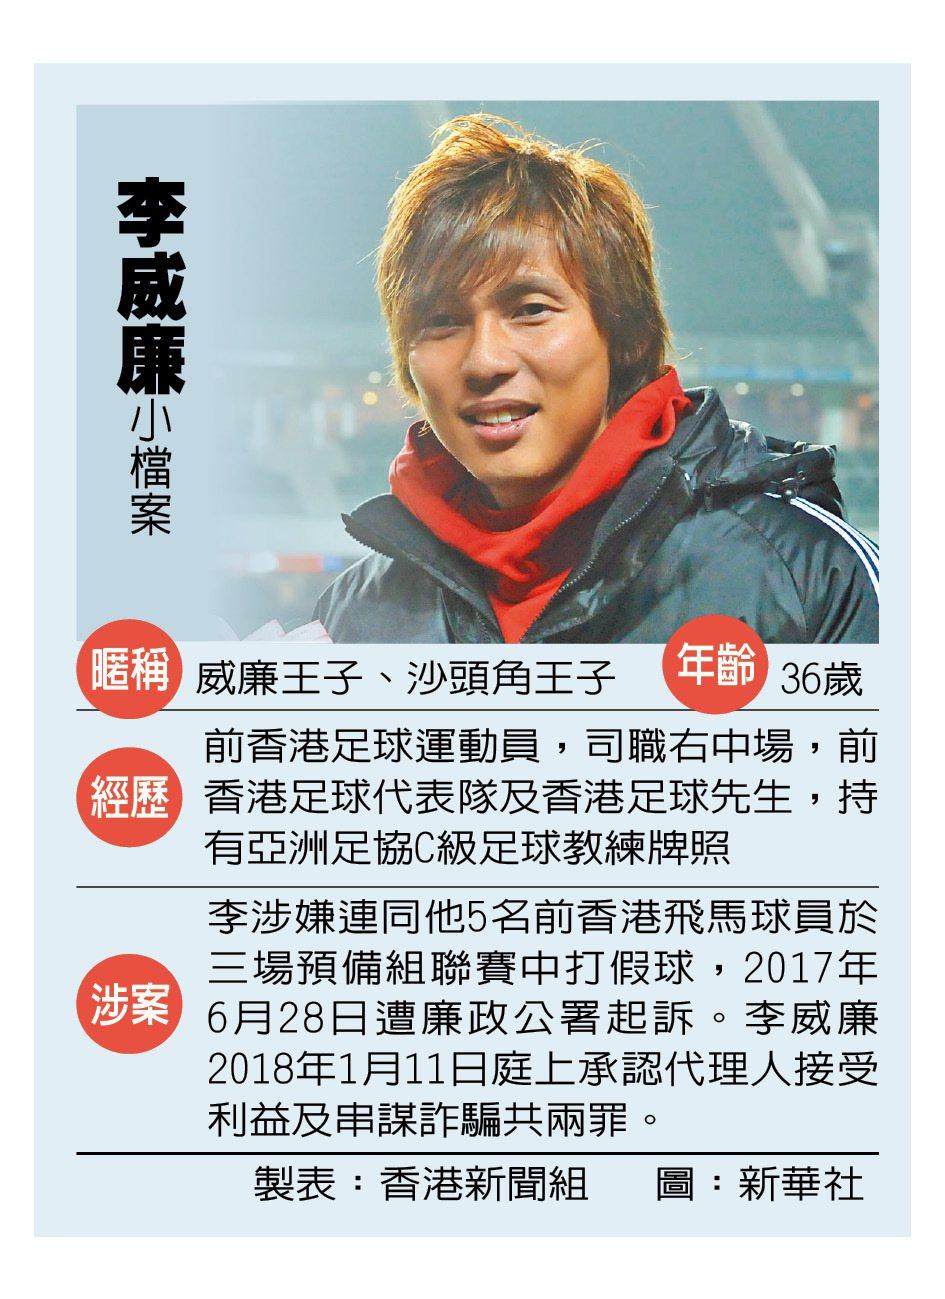 港超聯香港飛馬足球隊(飛馬)五名前球員涉嫌打假球案昨日開庭,被告之一前足球先生李...